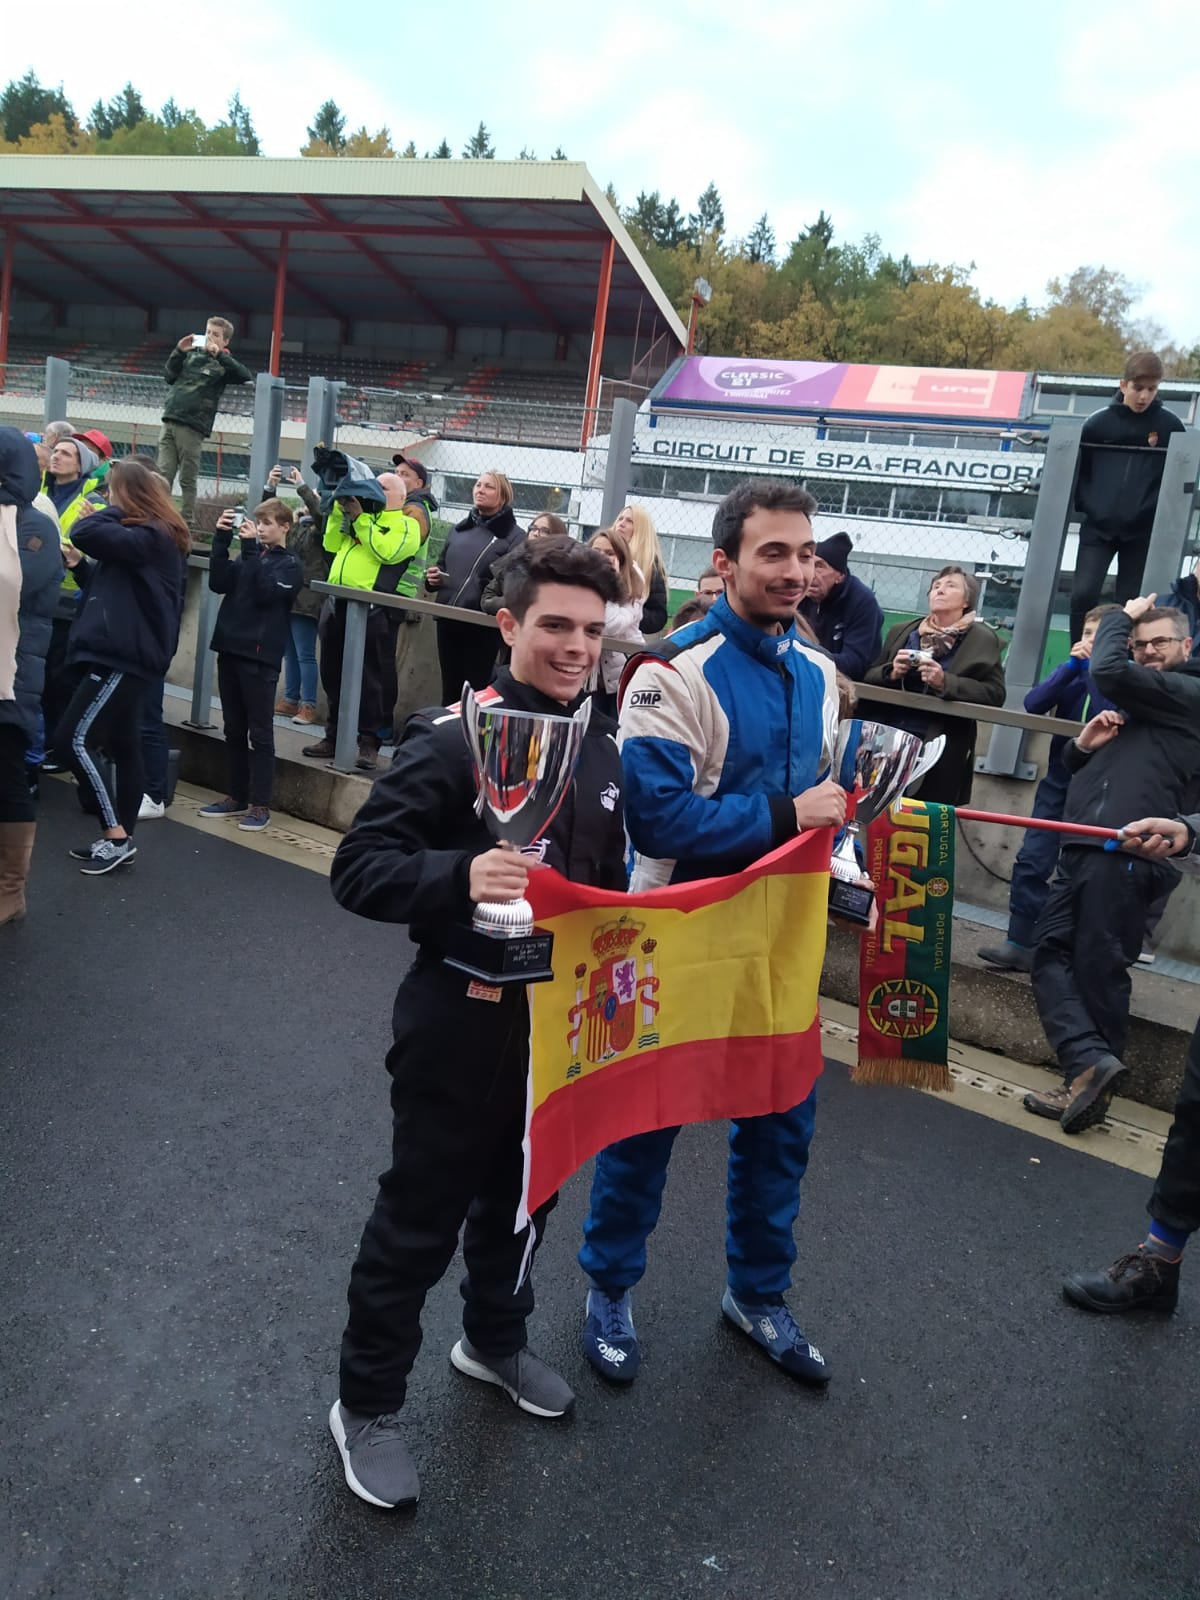 Hugo Hernández, piloto velillero, y su equipo, Gianfranco Motorsport, ganaron las 24H 2CV en Spa